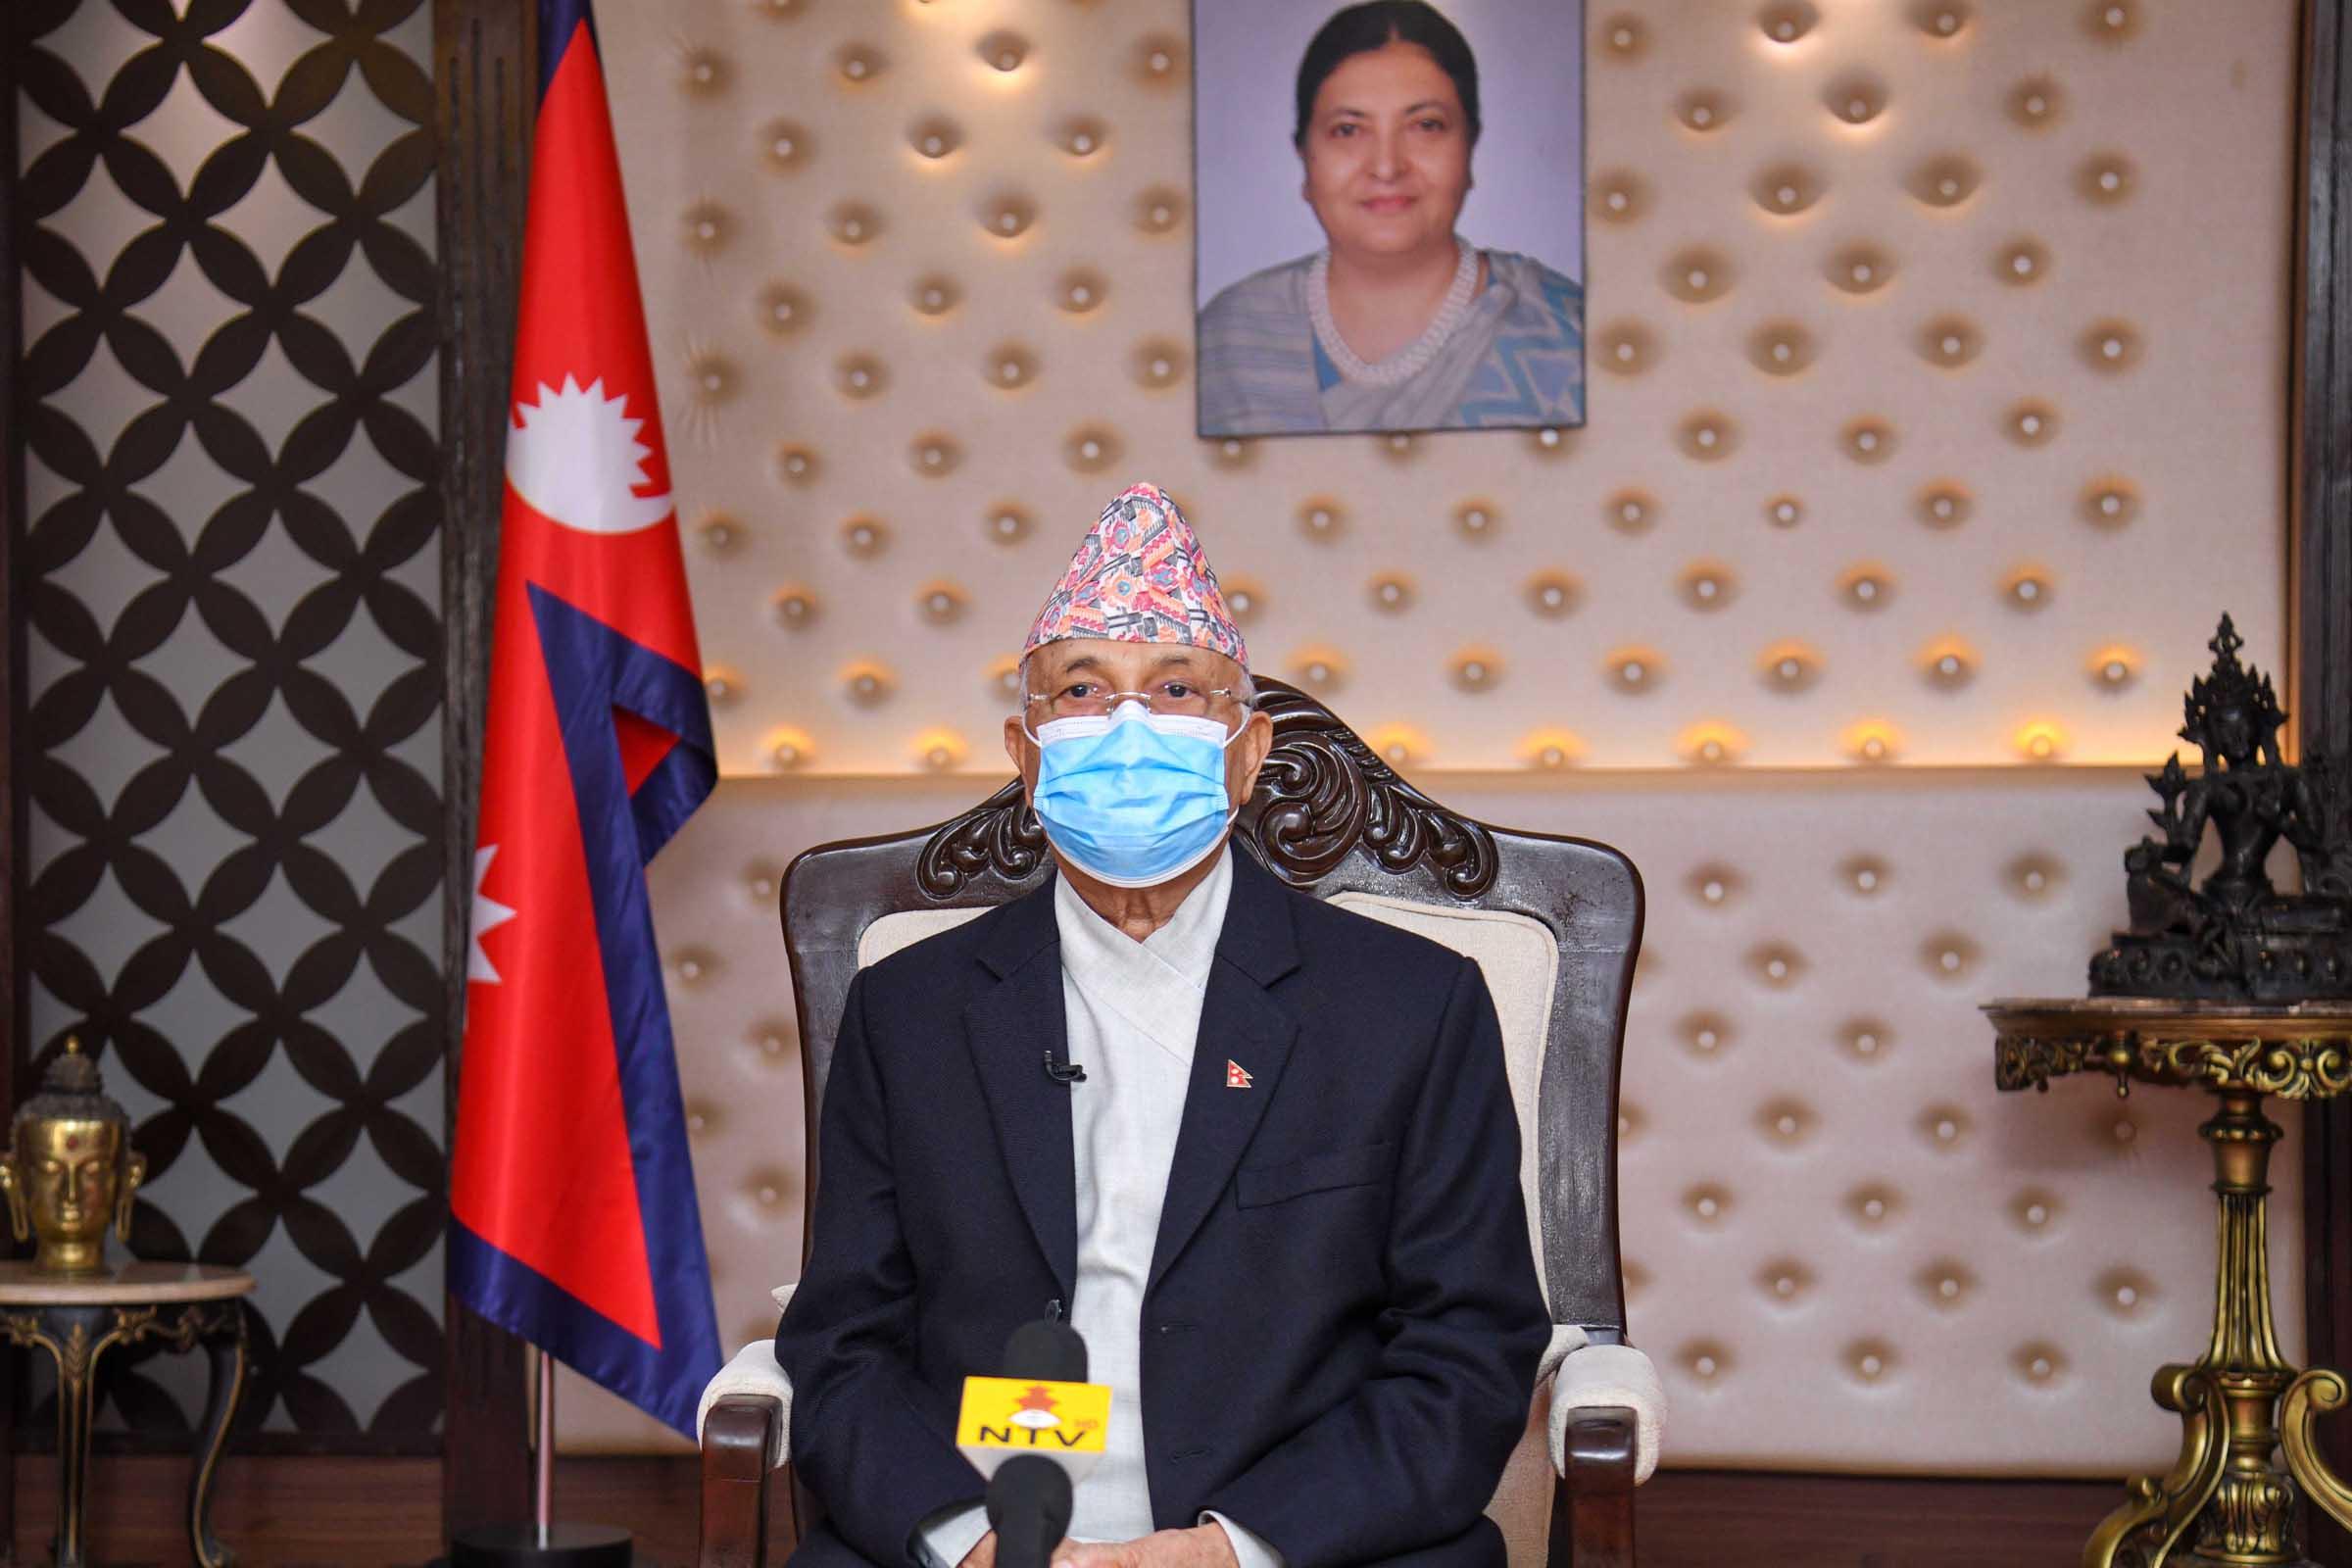 जनतालाई भोकै मर्न दिइने छैनः प्रधानमन्त्री ओली